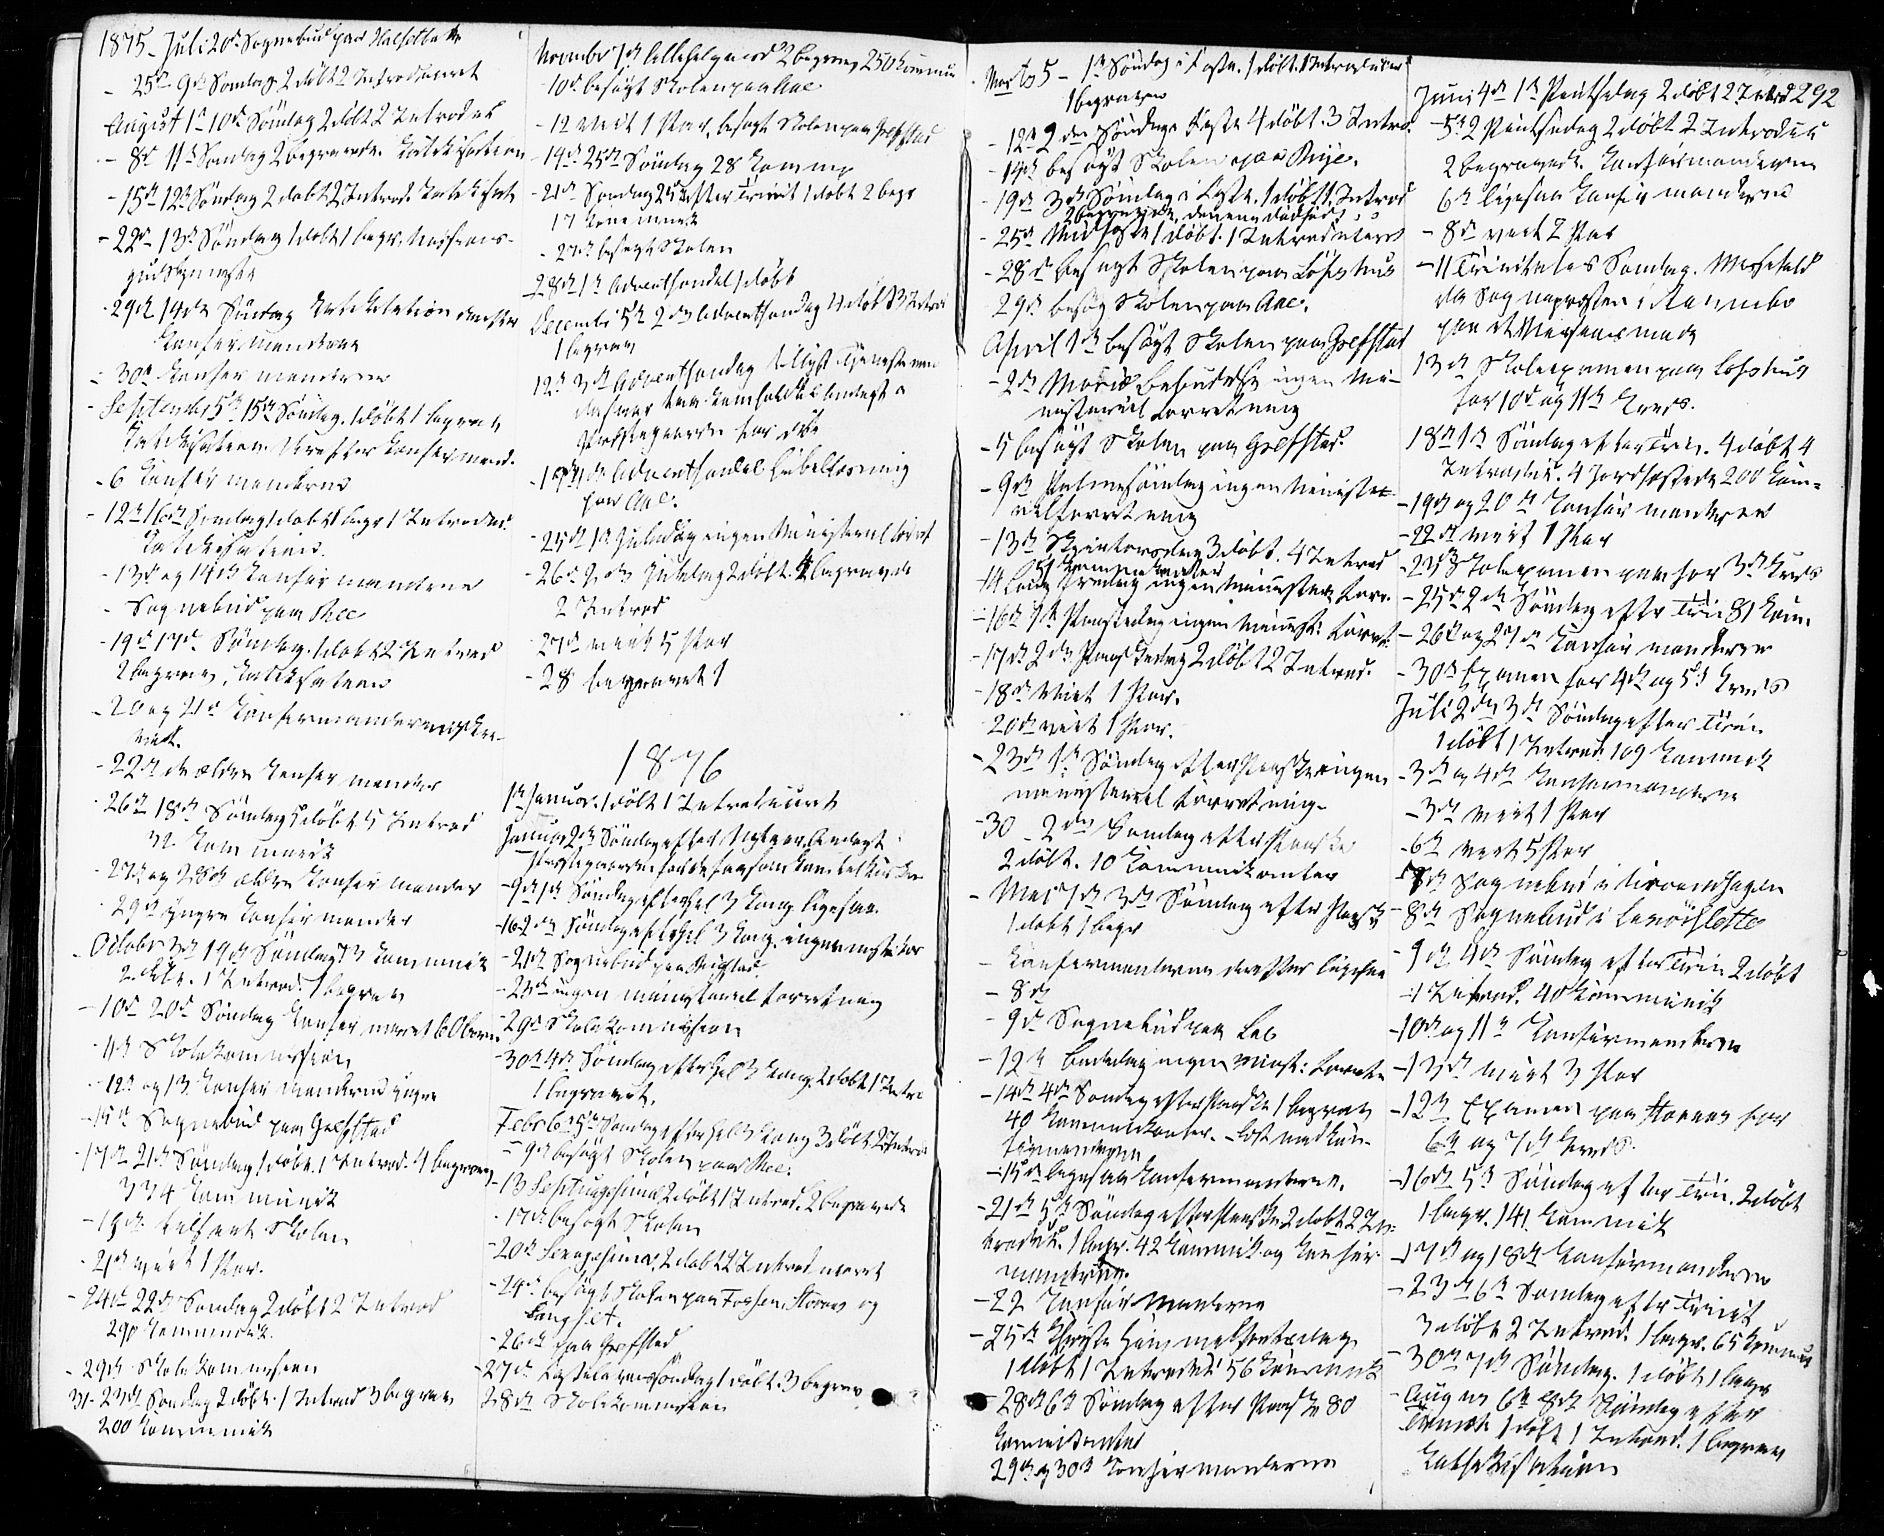 SAT, Ministerialprotokoller, klokkerbøker og fødselsregistre - Sør-Trøndelag, 672/L0856: Ministerialbok nr. 672A08, 1861-1881, s. 292